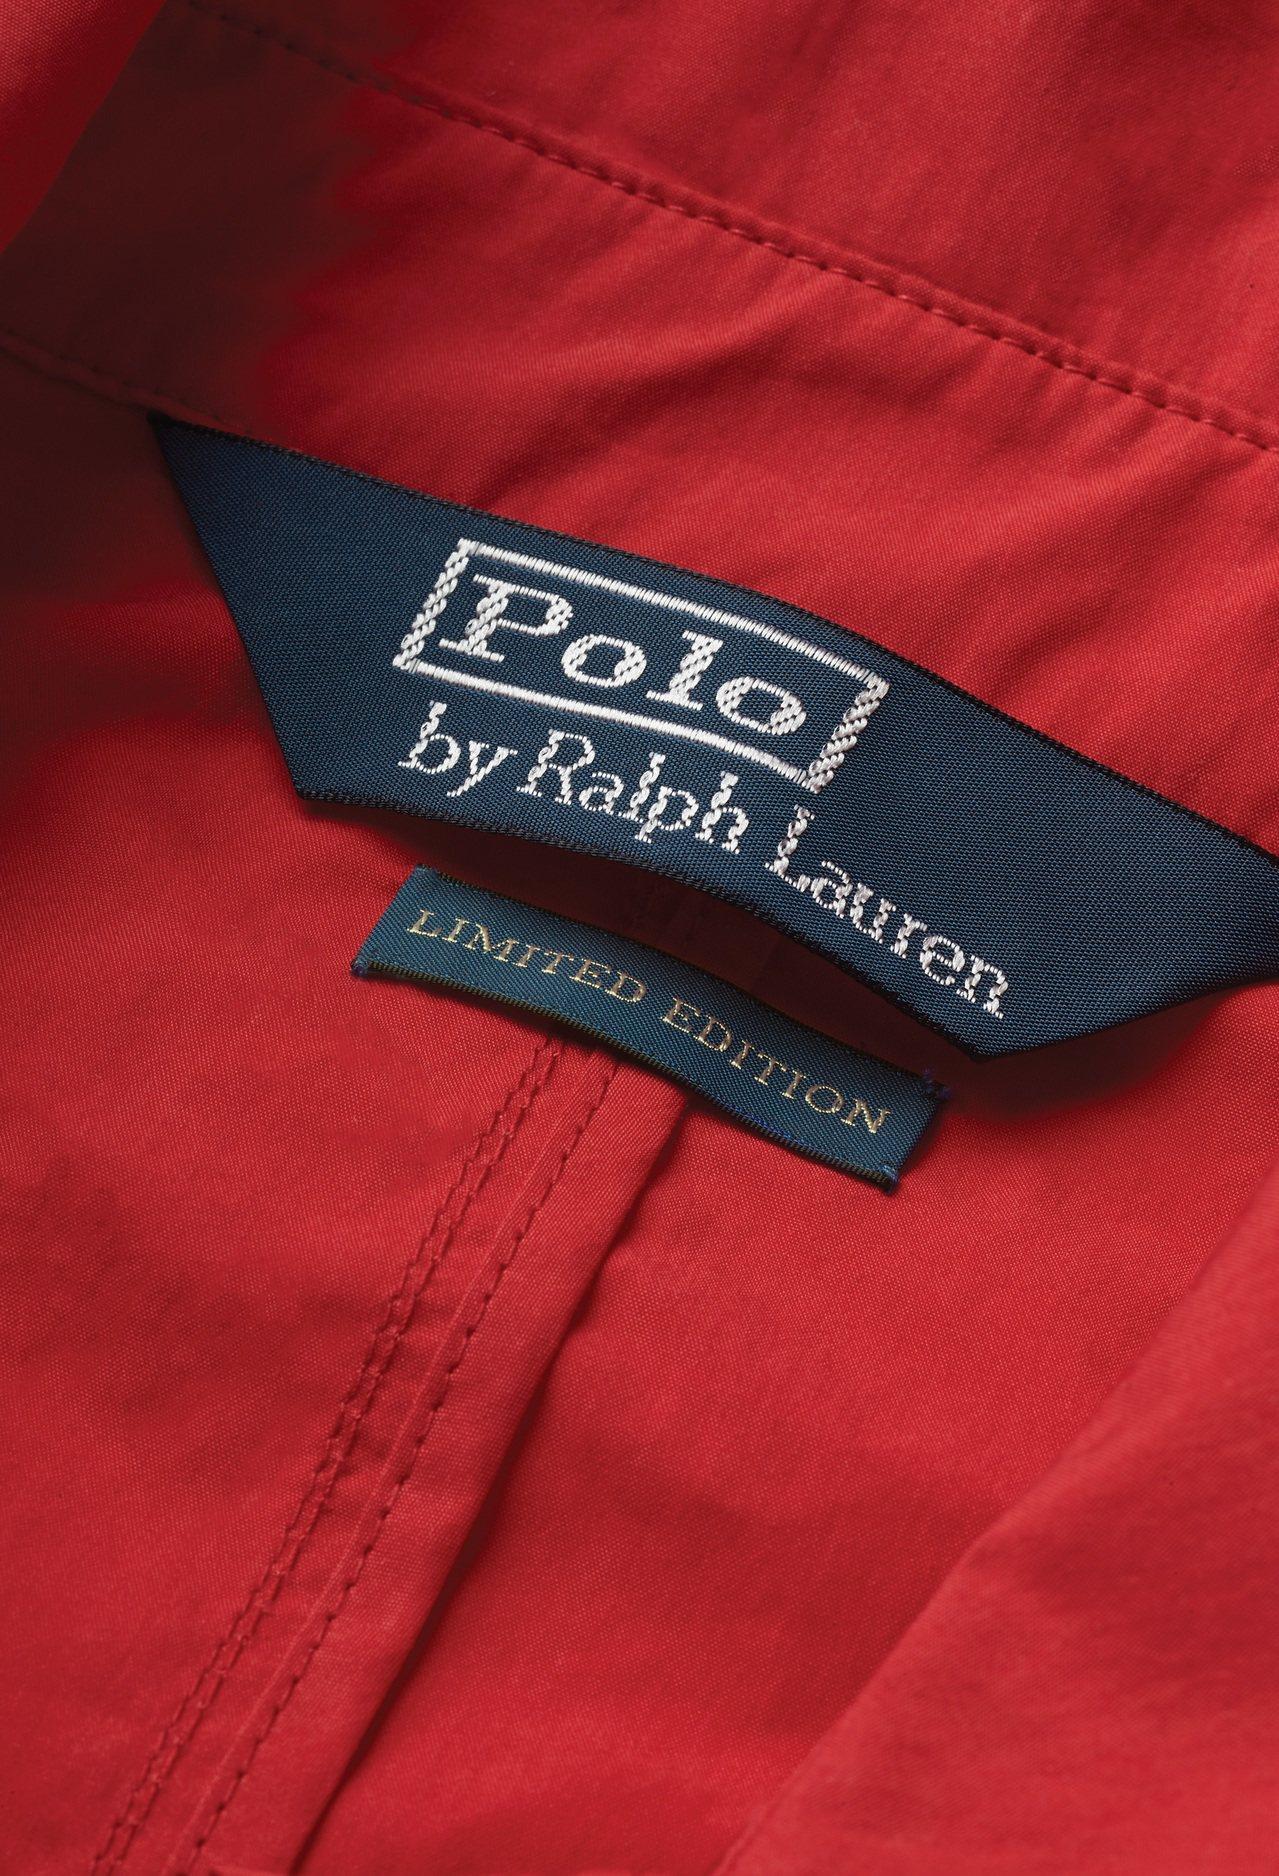 Polo Stadium系列繡有限量字樣。圖/Ralph Lauren提供